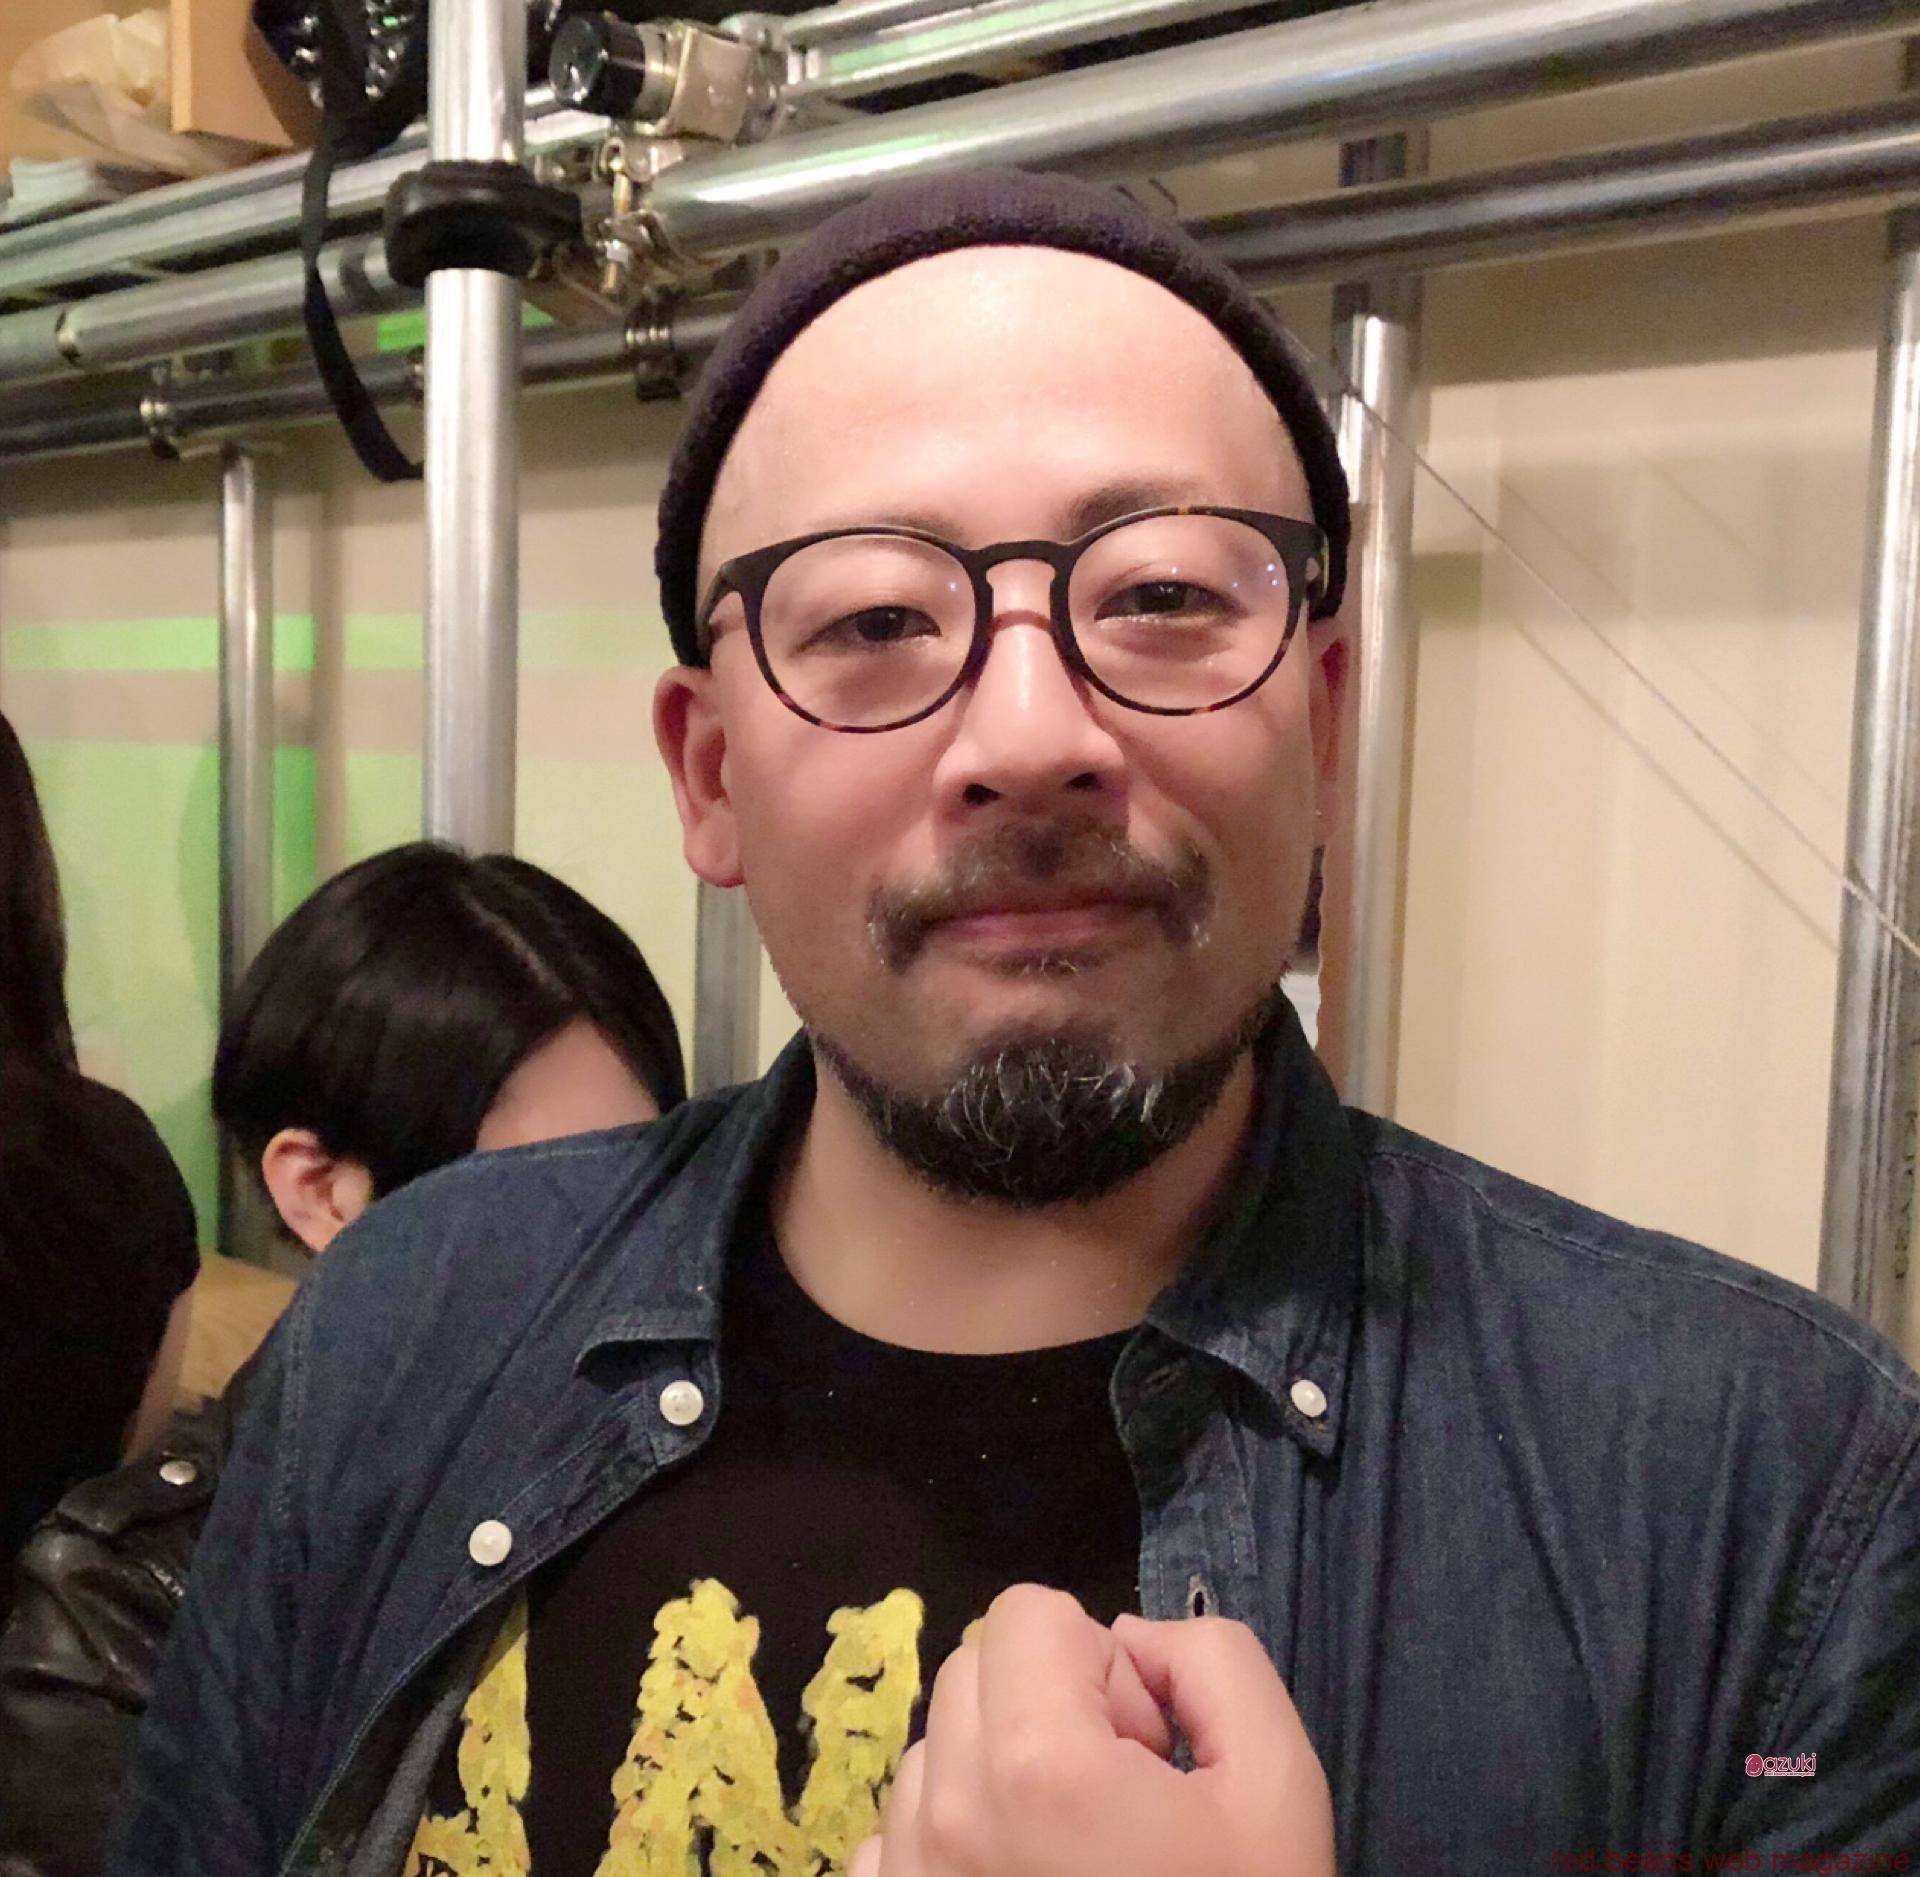 松崎さん。提供してくださるご当主さんたちも撮影に応じてくださります。有名店の店主さんなので、日ごろお目にかかれない方とお写真タイムなんて、よりいっそう和みますね。